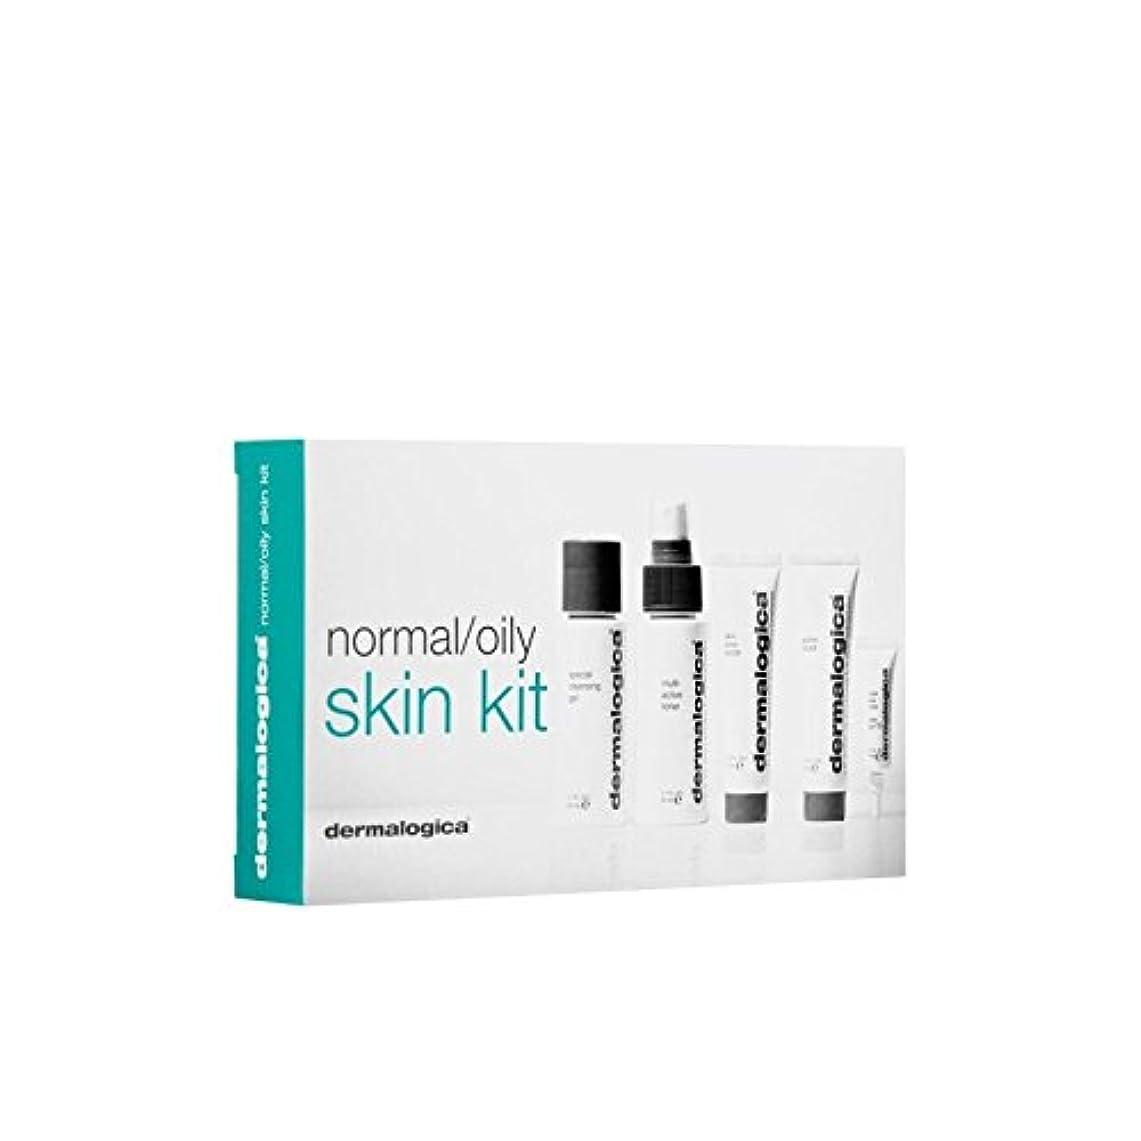 一時解雇する正確ファームダーマロジカスキンキット - ノーマル/オイリー(5製品) x2 - Dermalogica Skin Kit - Normal/Oily (5 Products) (Pack of 2) [並行輸入品]